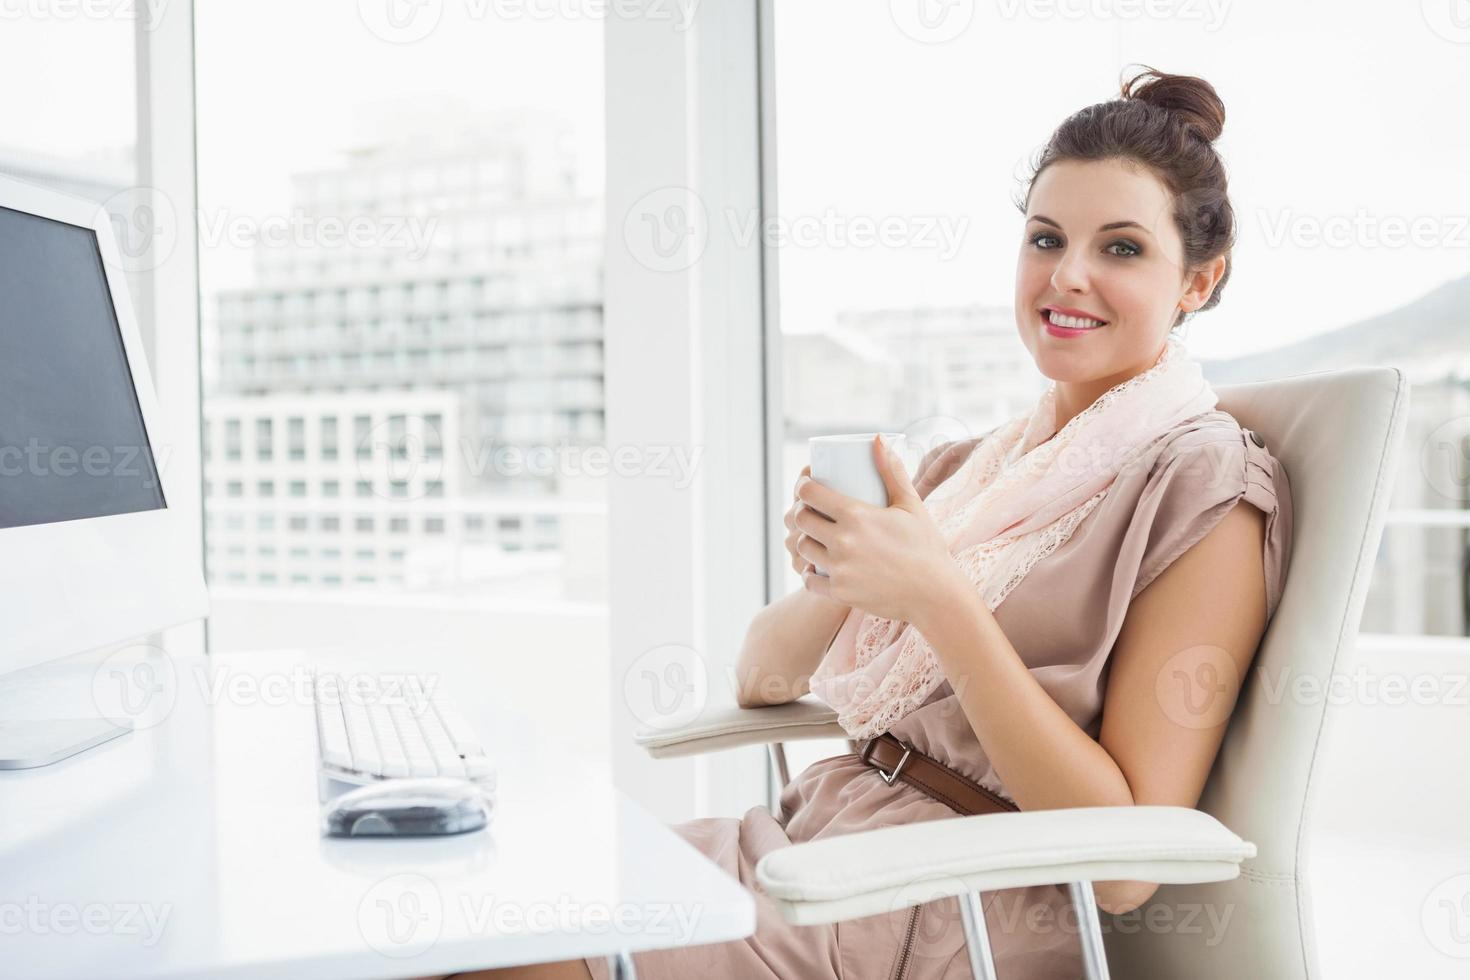 entspannte Geschäftsfrau mit heißem Getränk foto